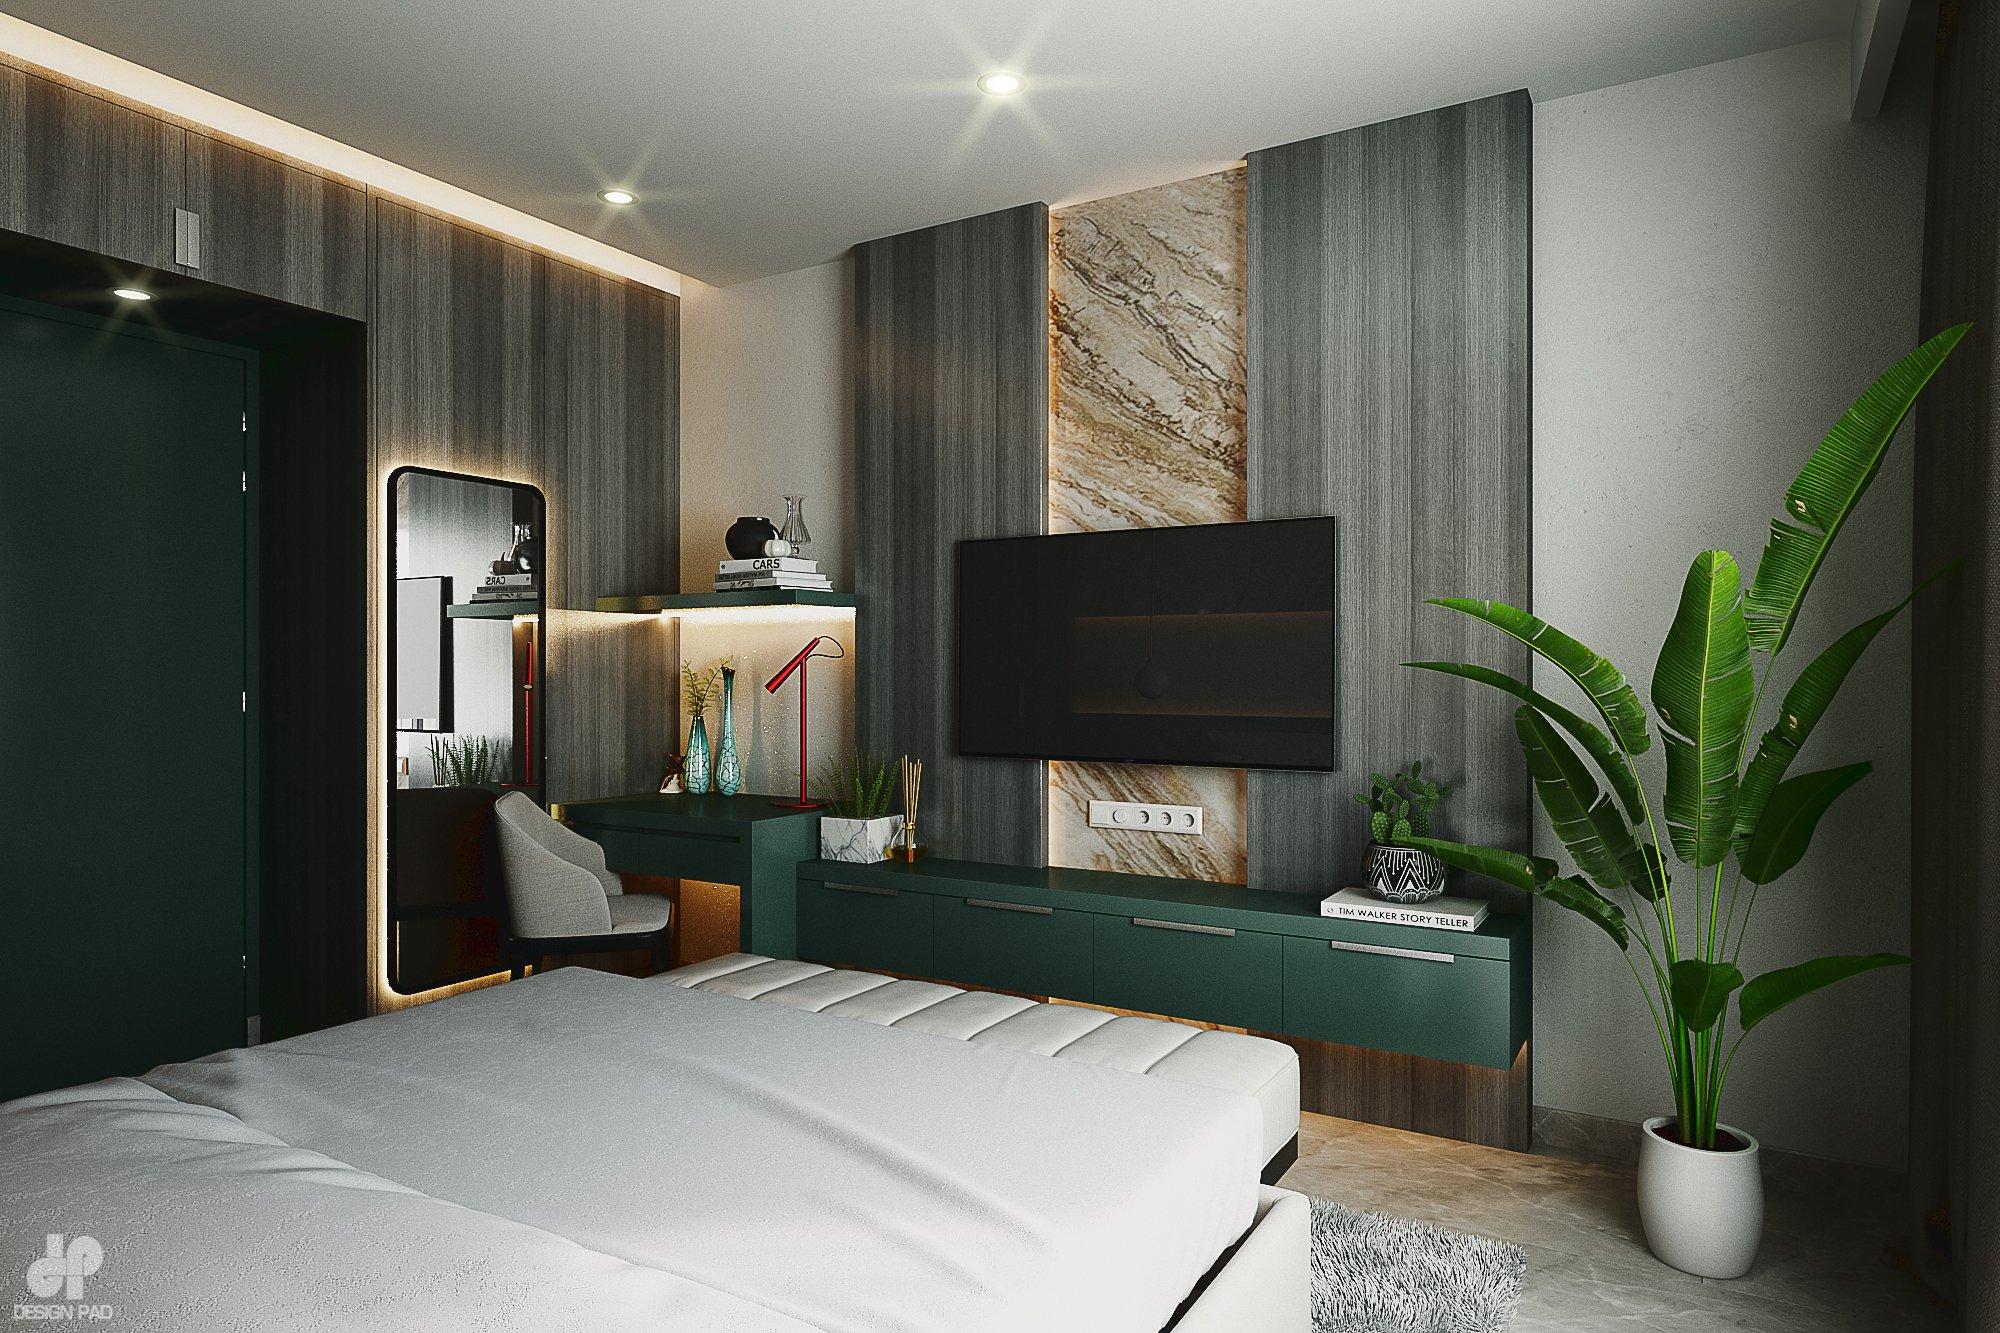 Thiết kế nội thất Nhà Mặt Phố tại Hồ Chí Minh BedRoom - Mr.Huy 1605080088 4